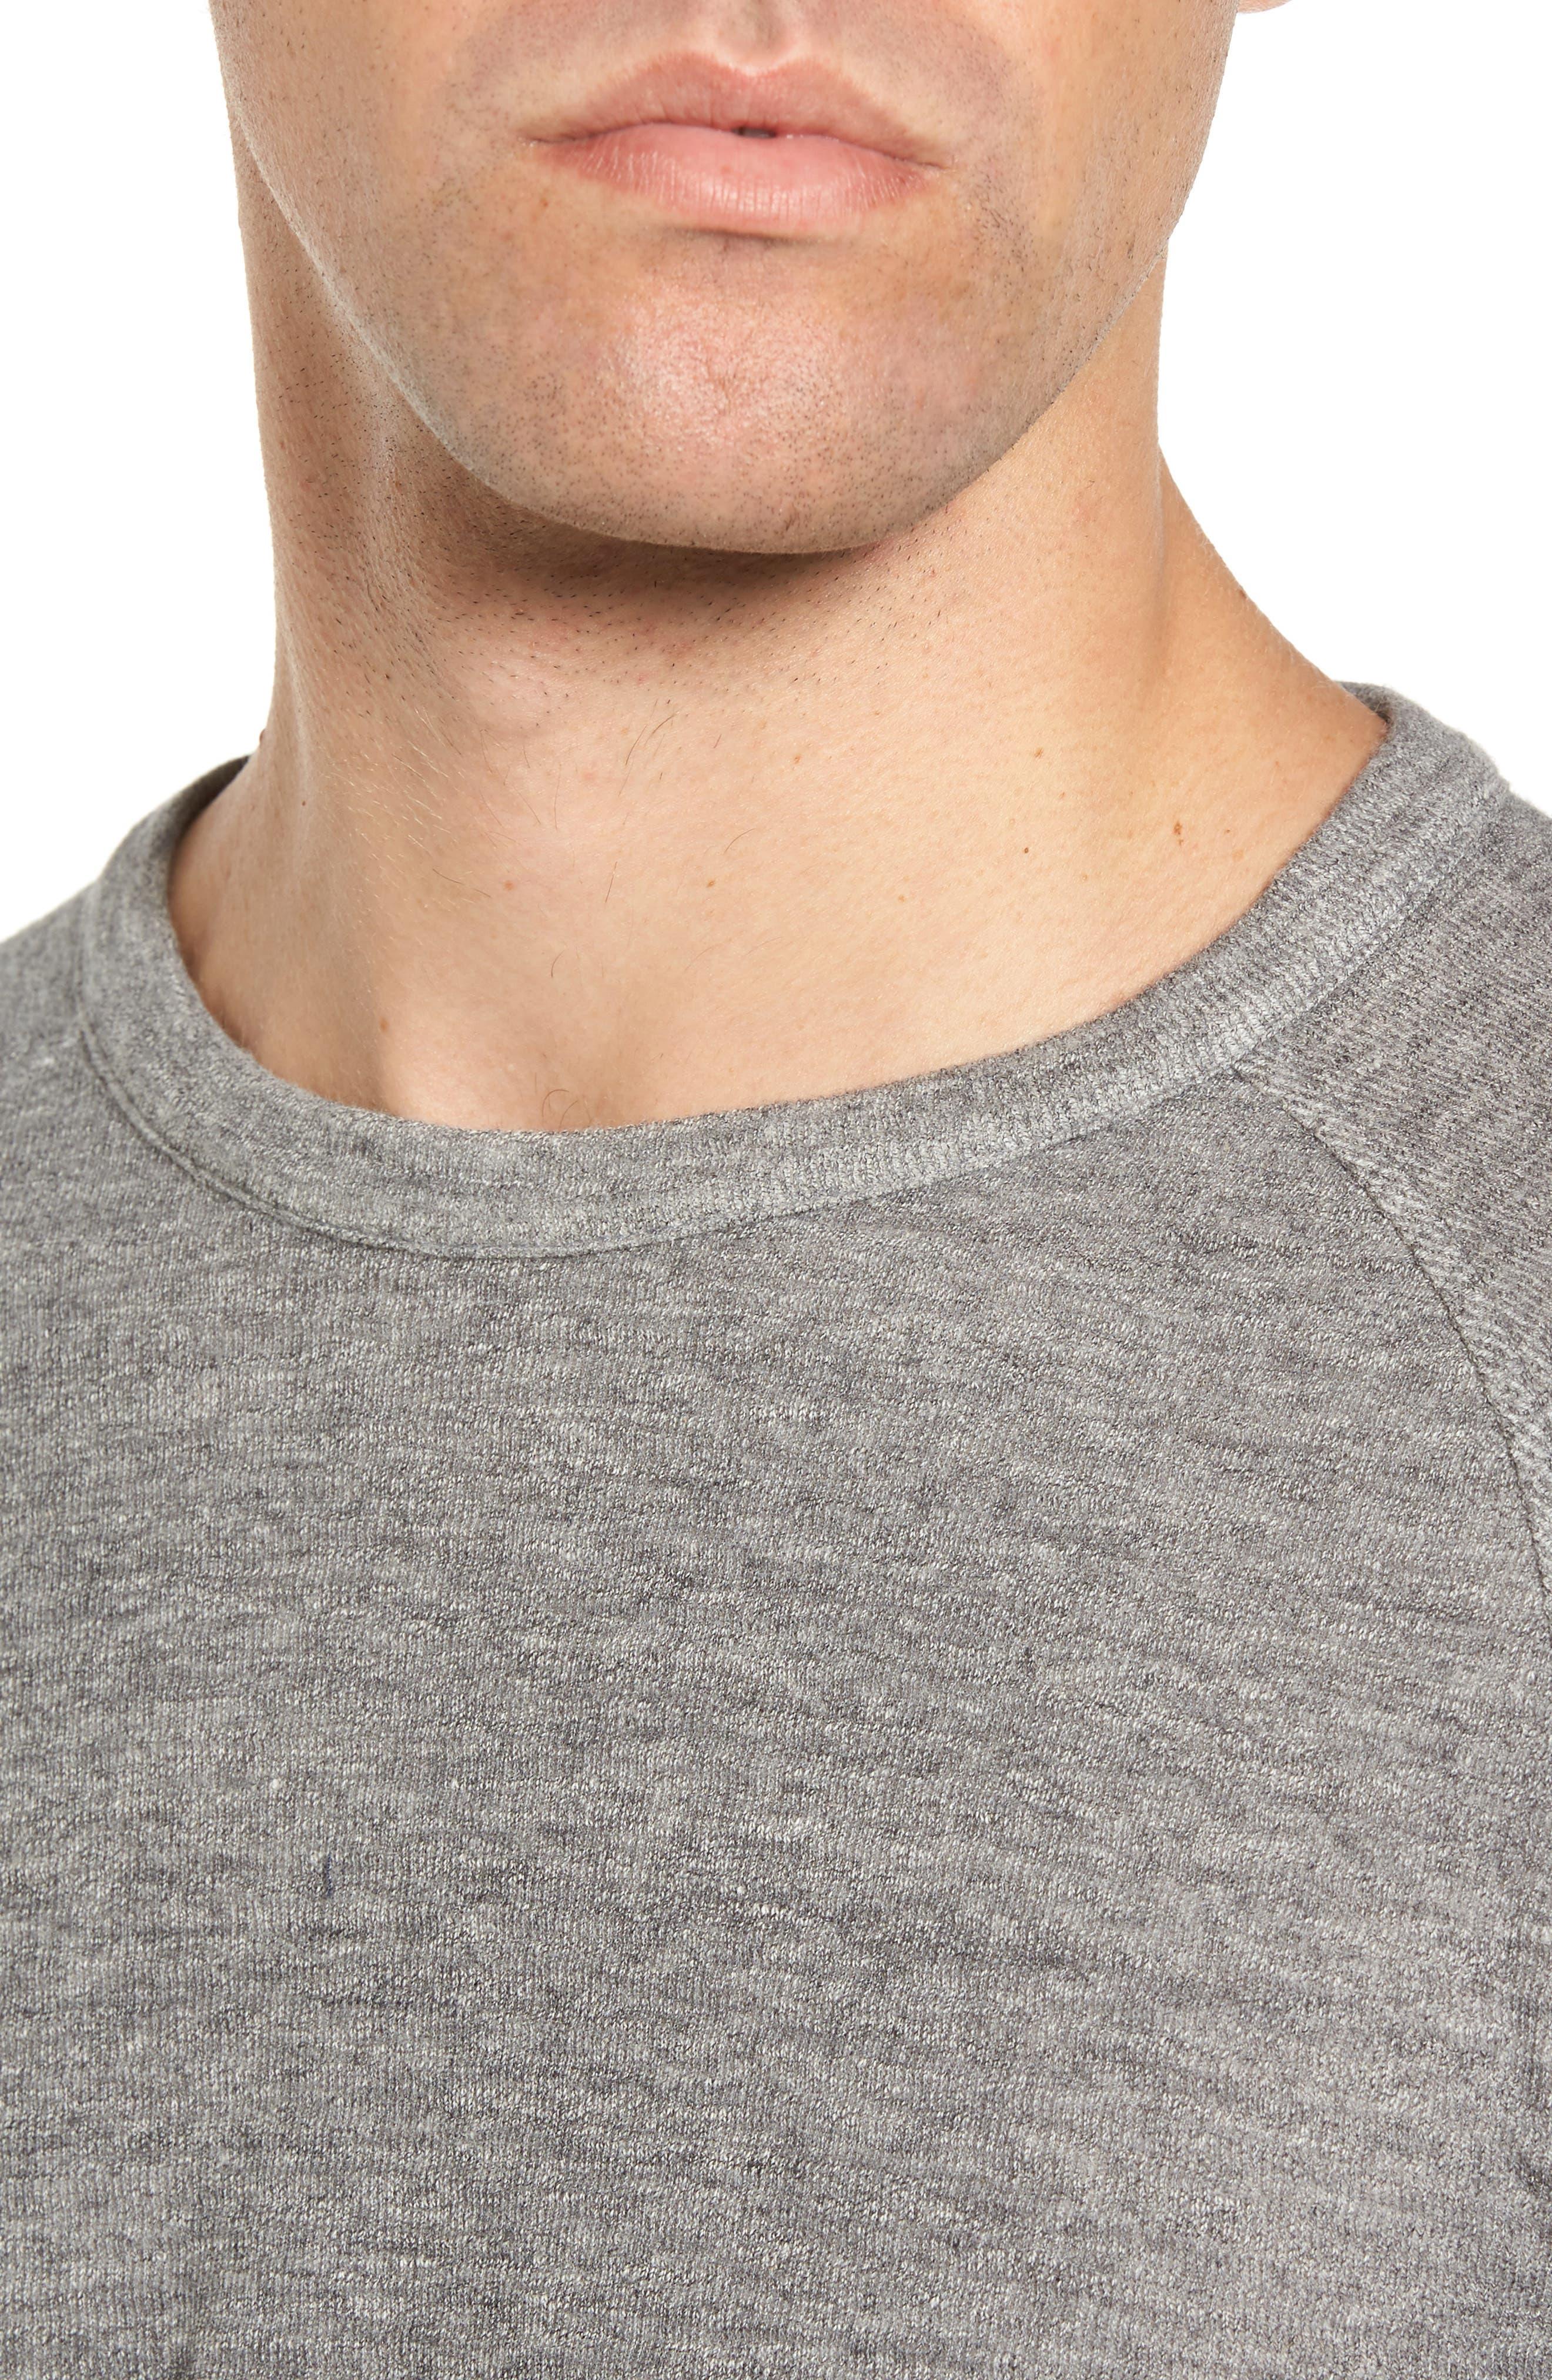 Jensen Double Cloth Crewneck Shirt,                             Alternate thumbnail 4, color,                             031